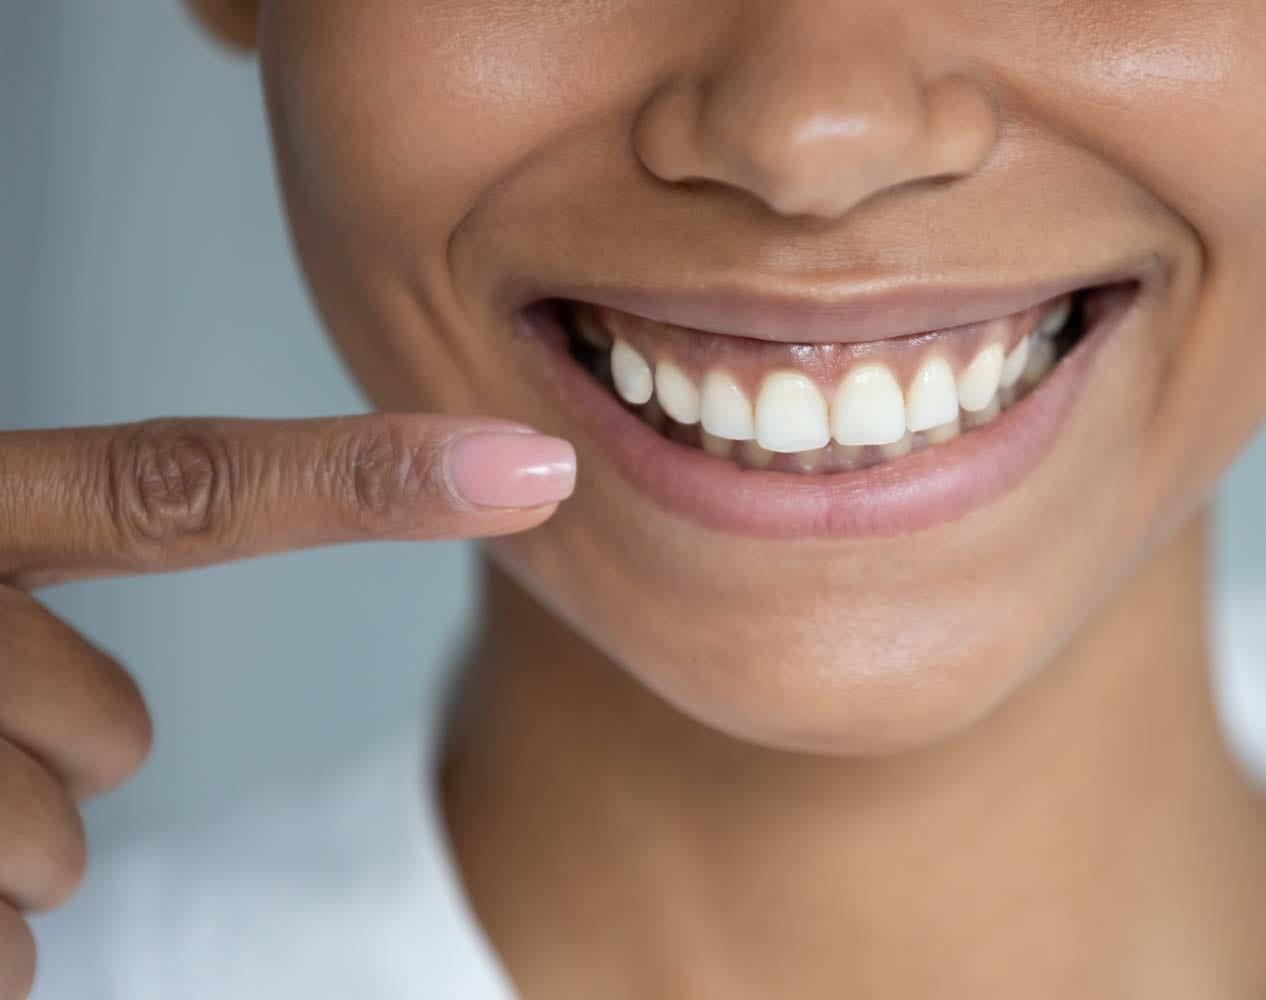 Trikwan - Teeth Grinding